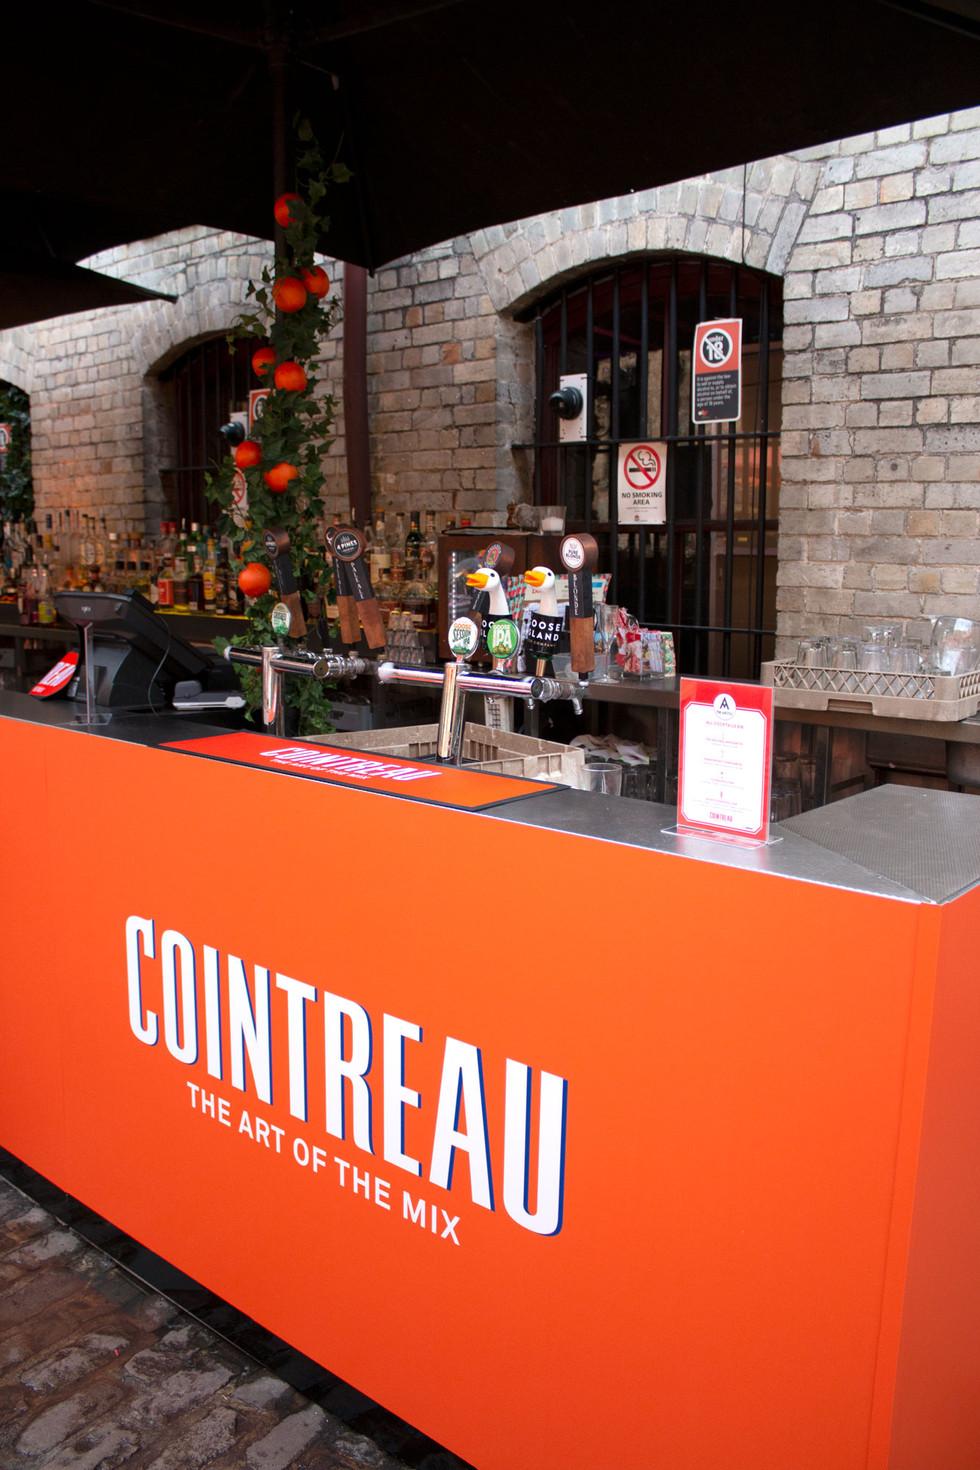 cointreau-bar-1.jpg